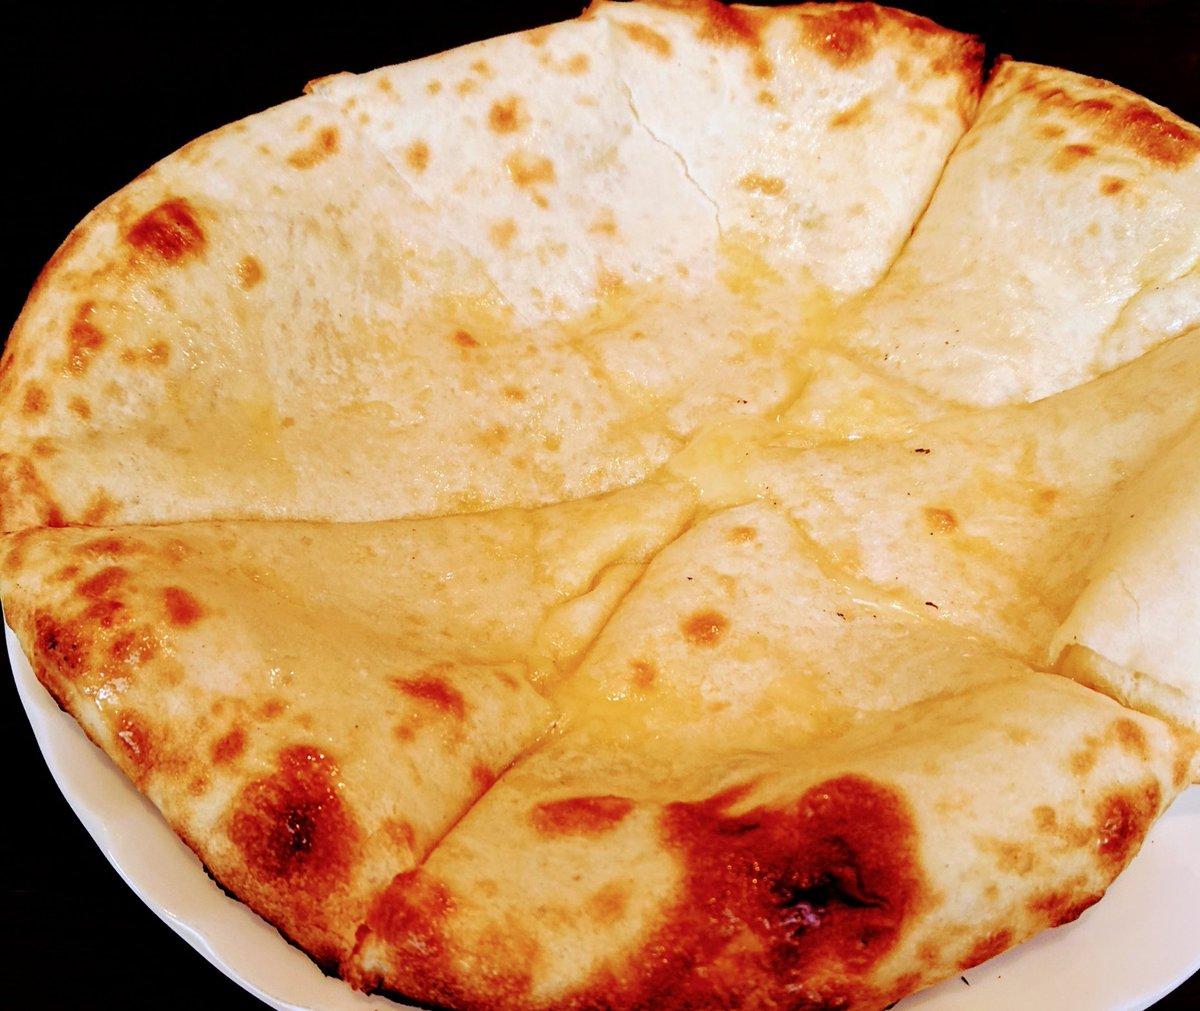 他人んちでインドカレーのご相伴にあずかり、お礼に作ったチーズナン結構いい感じに焼けたの💛🧡💛。 #ひとん家のランチ #お昼ごはん #カレーの写真は撮り忘れ #チーズナン🧀 https://t.co/ln87Dc7yrE